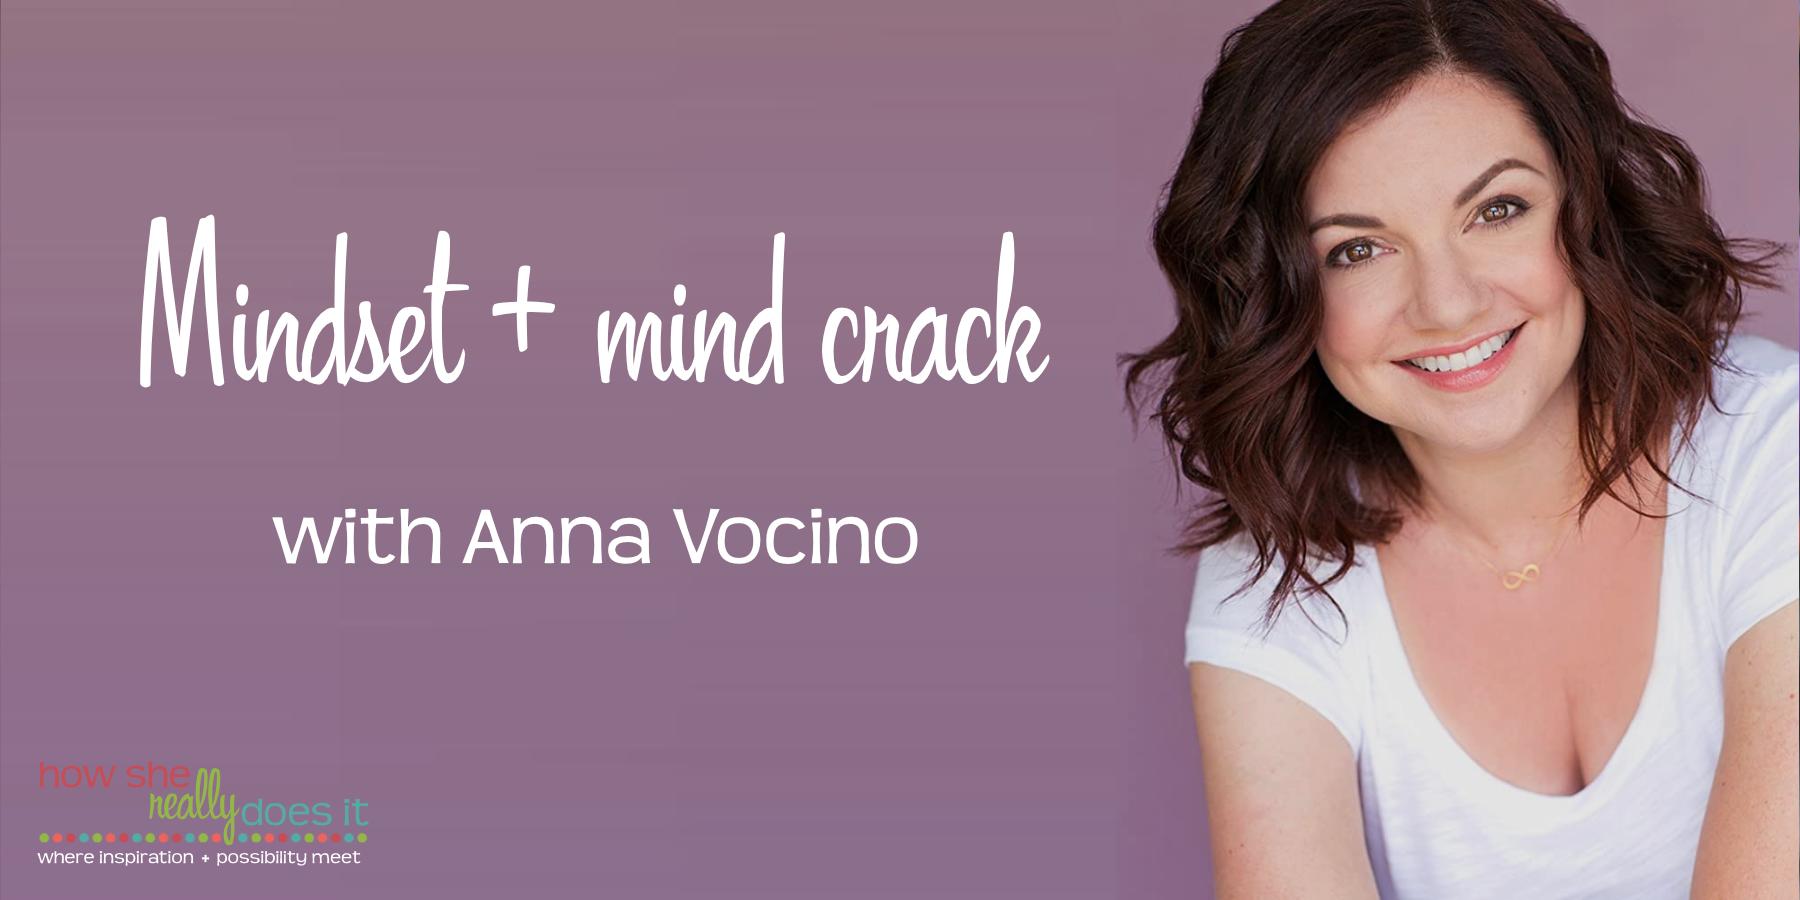 Mindset + mind crack